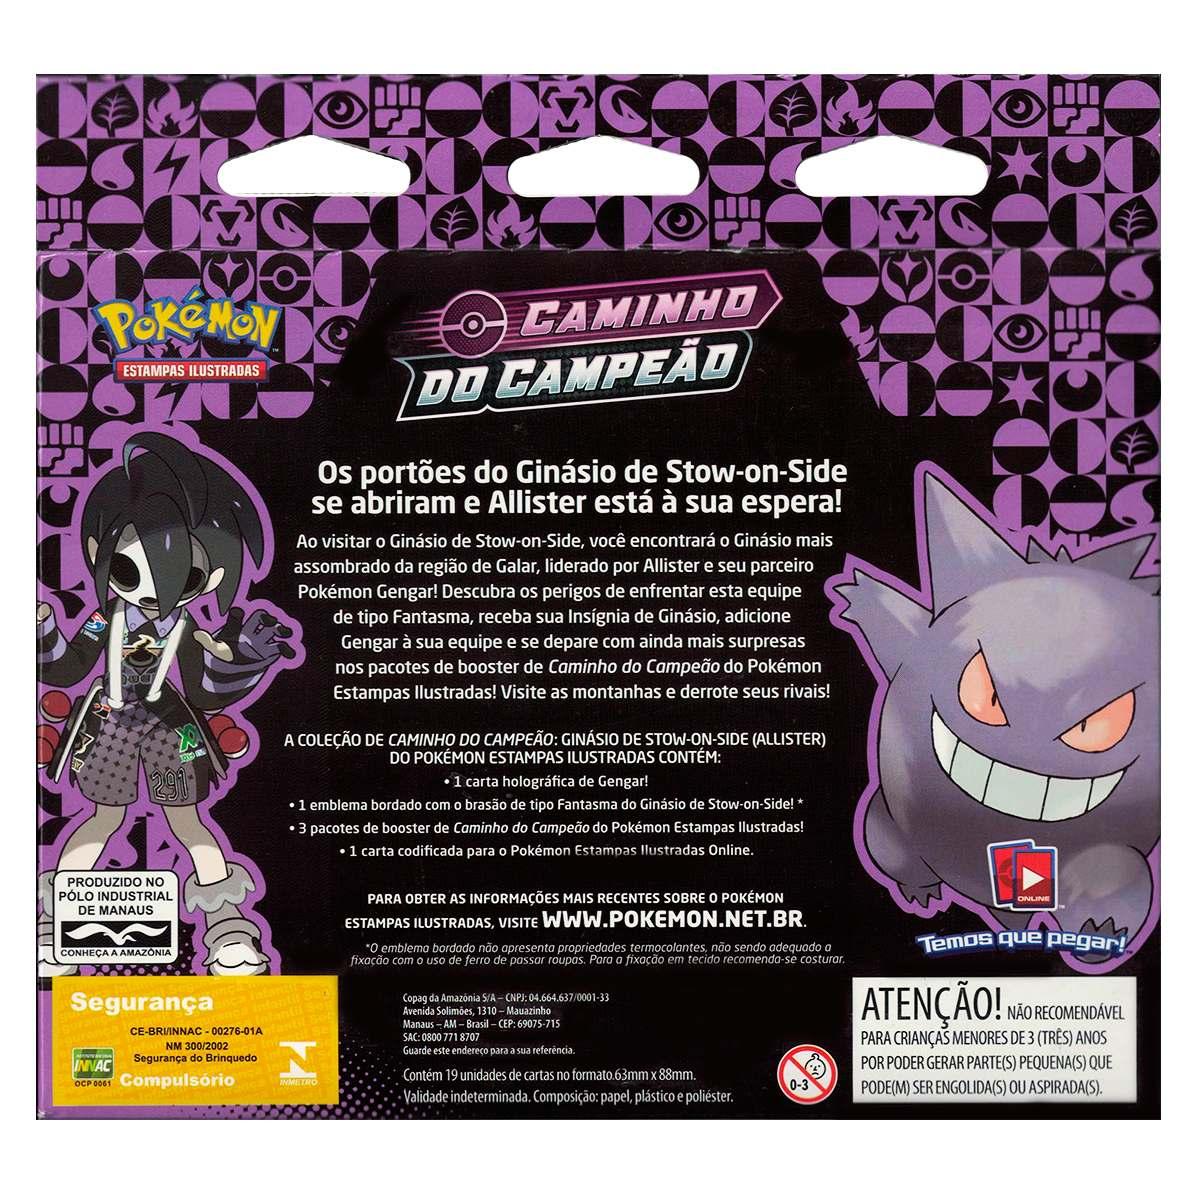 Box Pokemon Gengar Caminho do Campeão